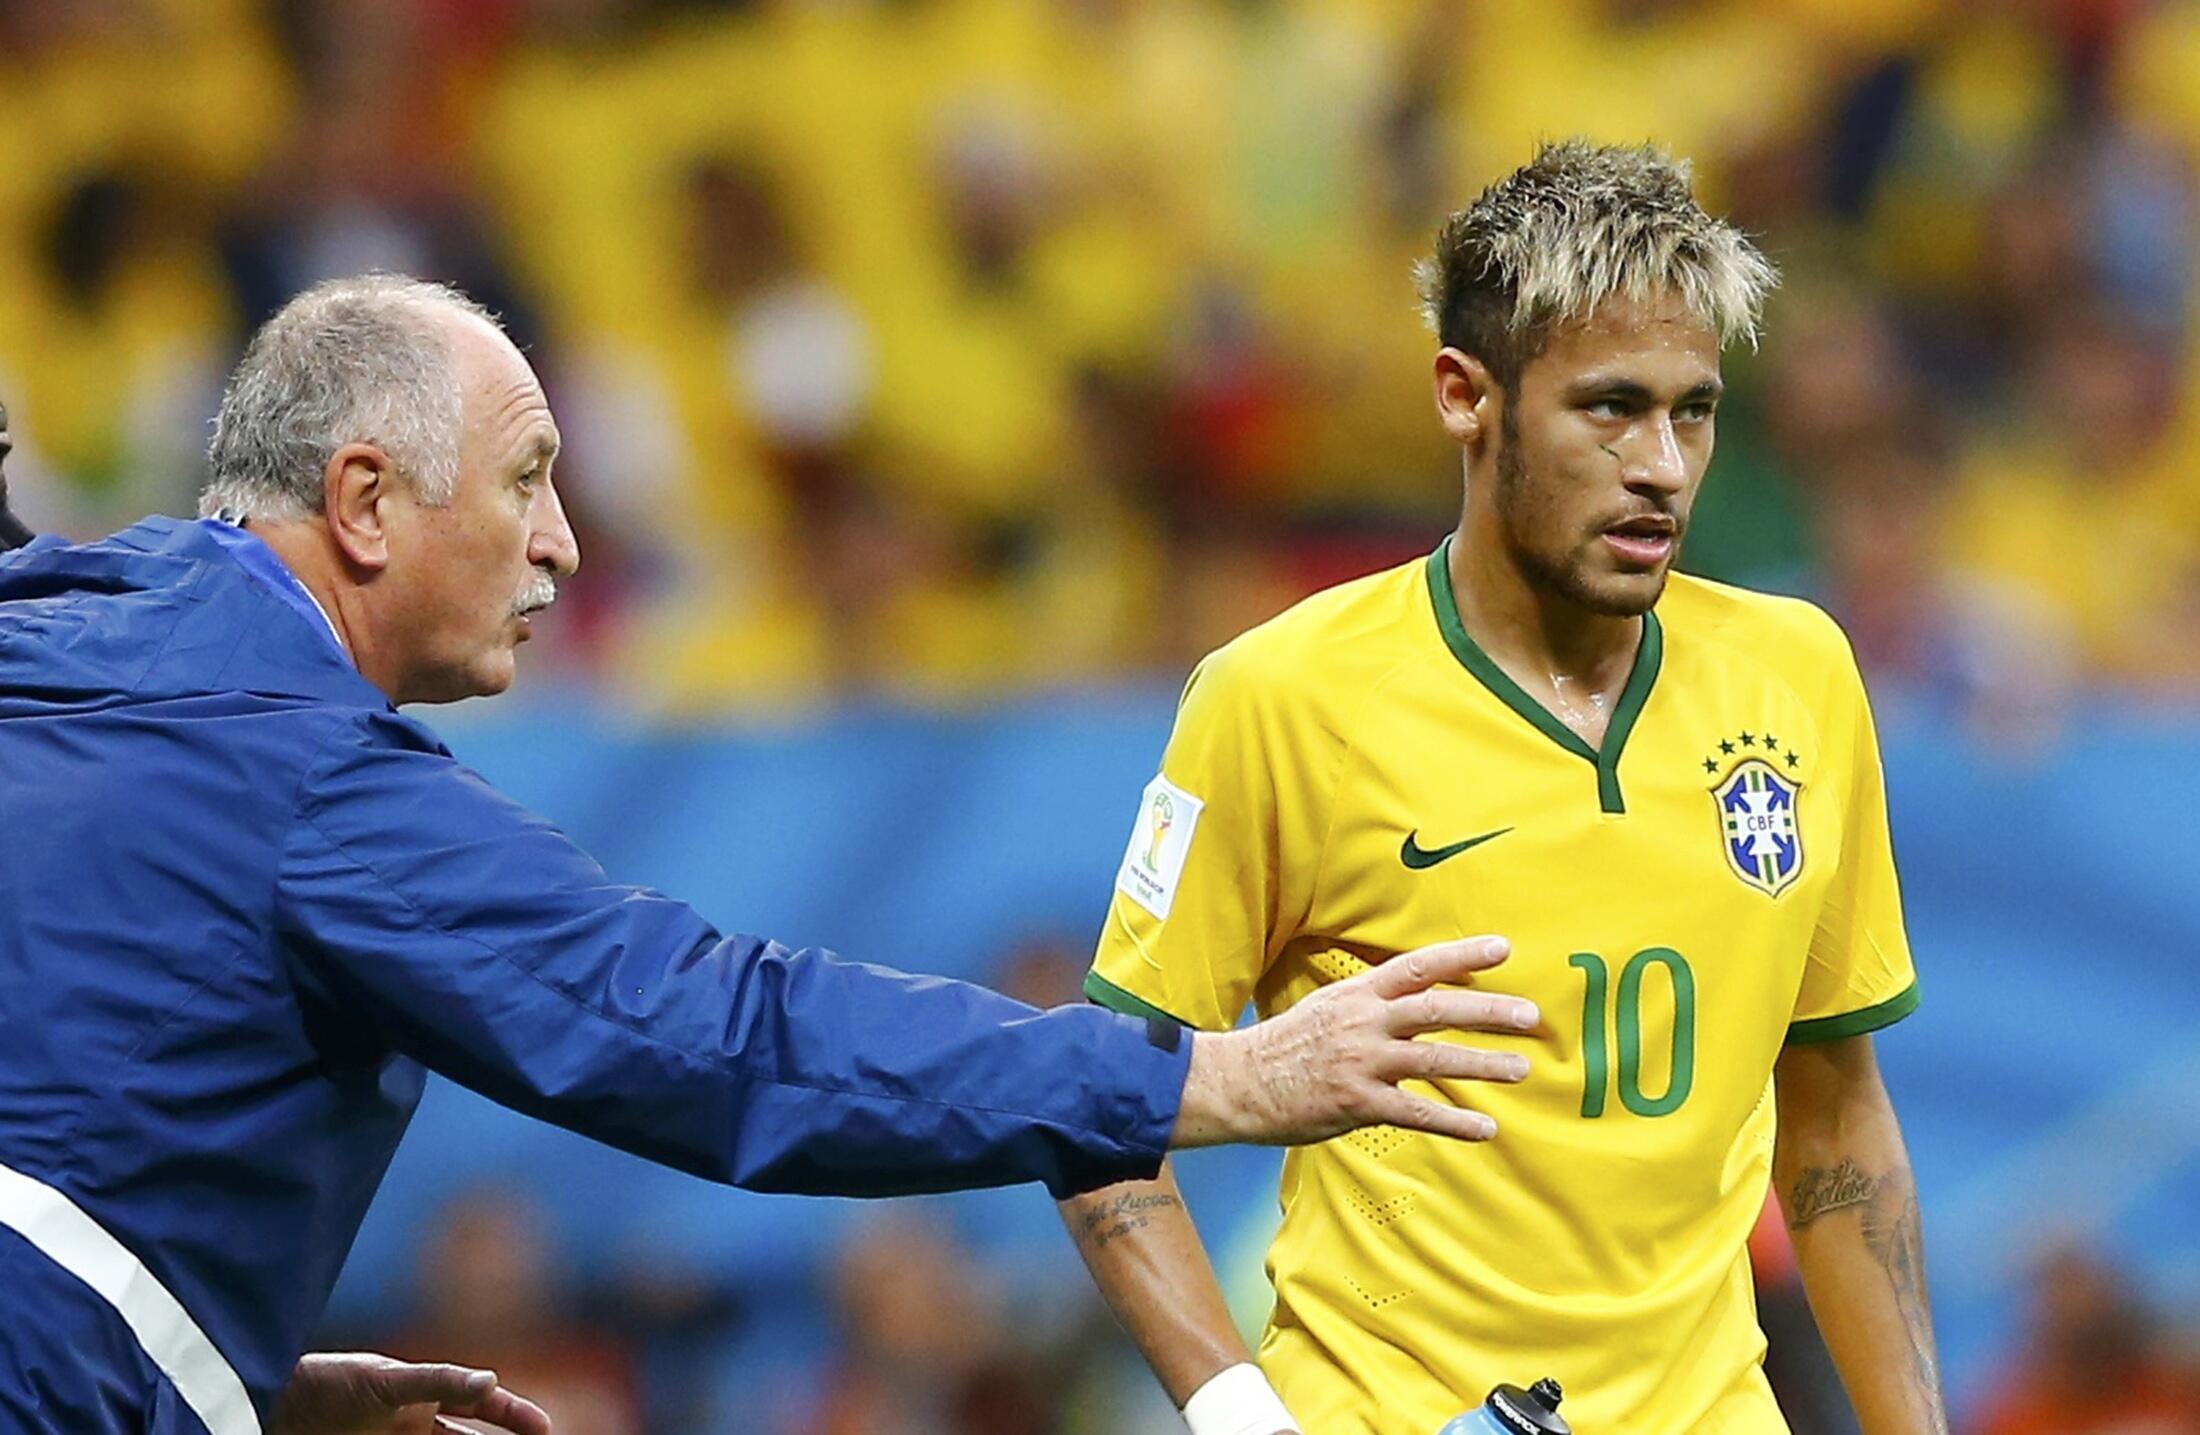 Kocha Luiz Felipe Scolari akimpa maelekezo Neymar